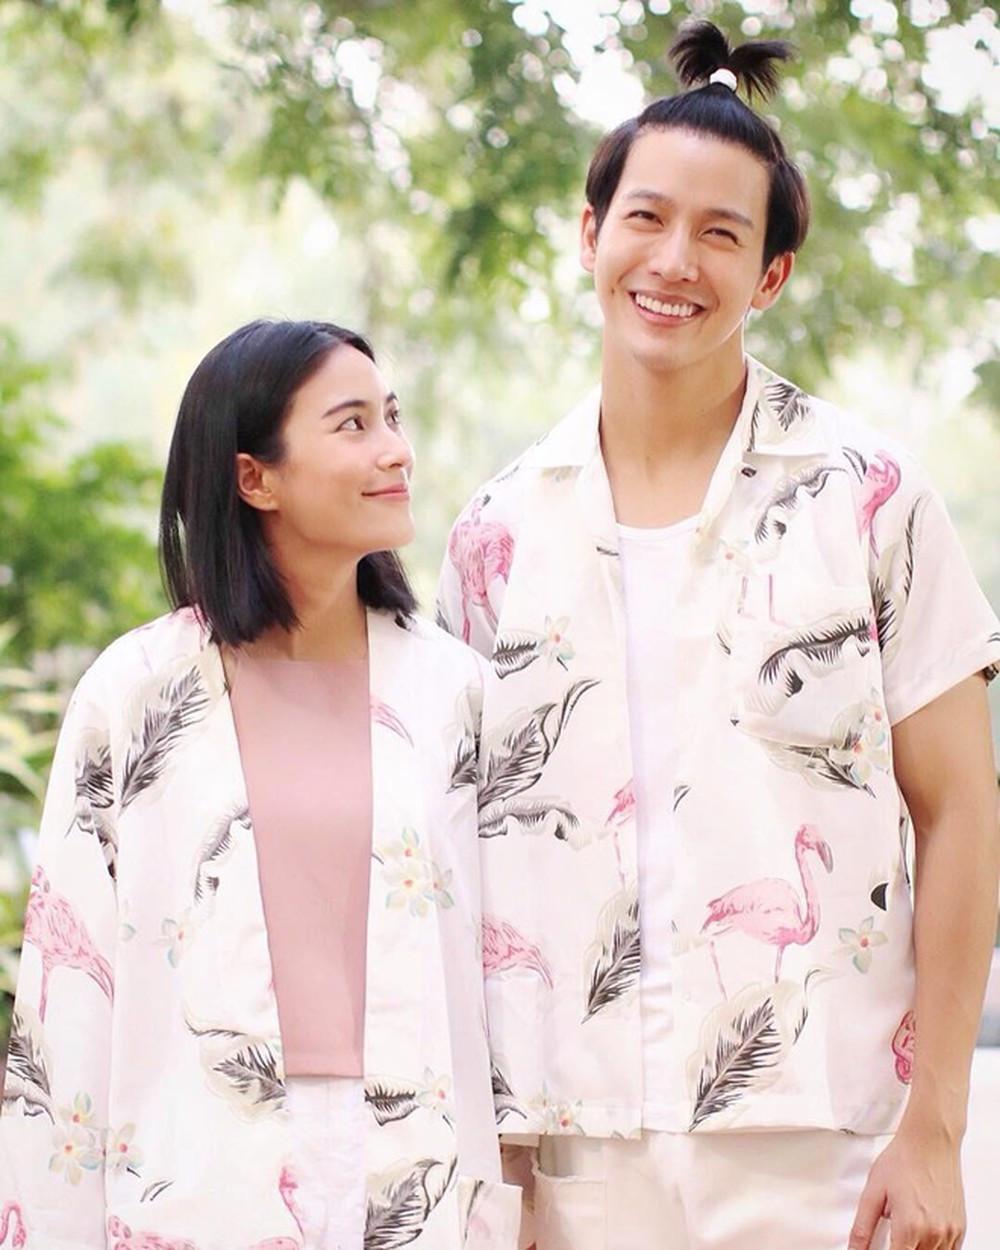 Được ship với loạt mỹ nhân hot nhất Thái Lan, trái tim và cuộc đời nam thần Push Puttichai chỉ thuộc về một người